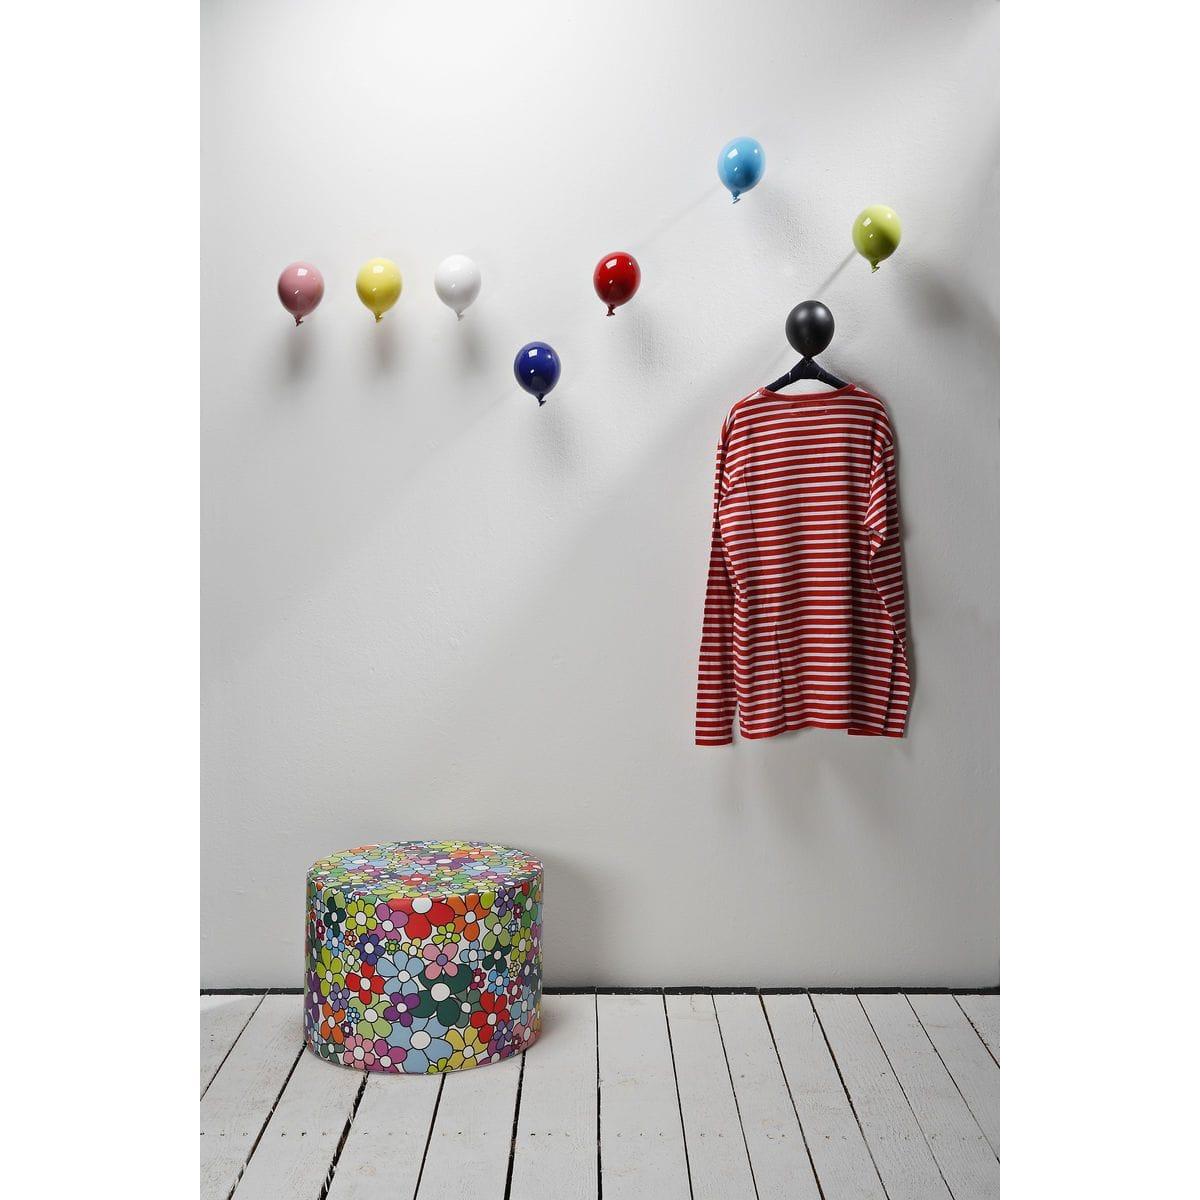 Palloncino in ceramica appendiabiti decorativo miniBalloon arancione, azzurro, bianco, blu, giallo, rosa, rosso e verde su parete